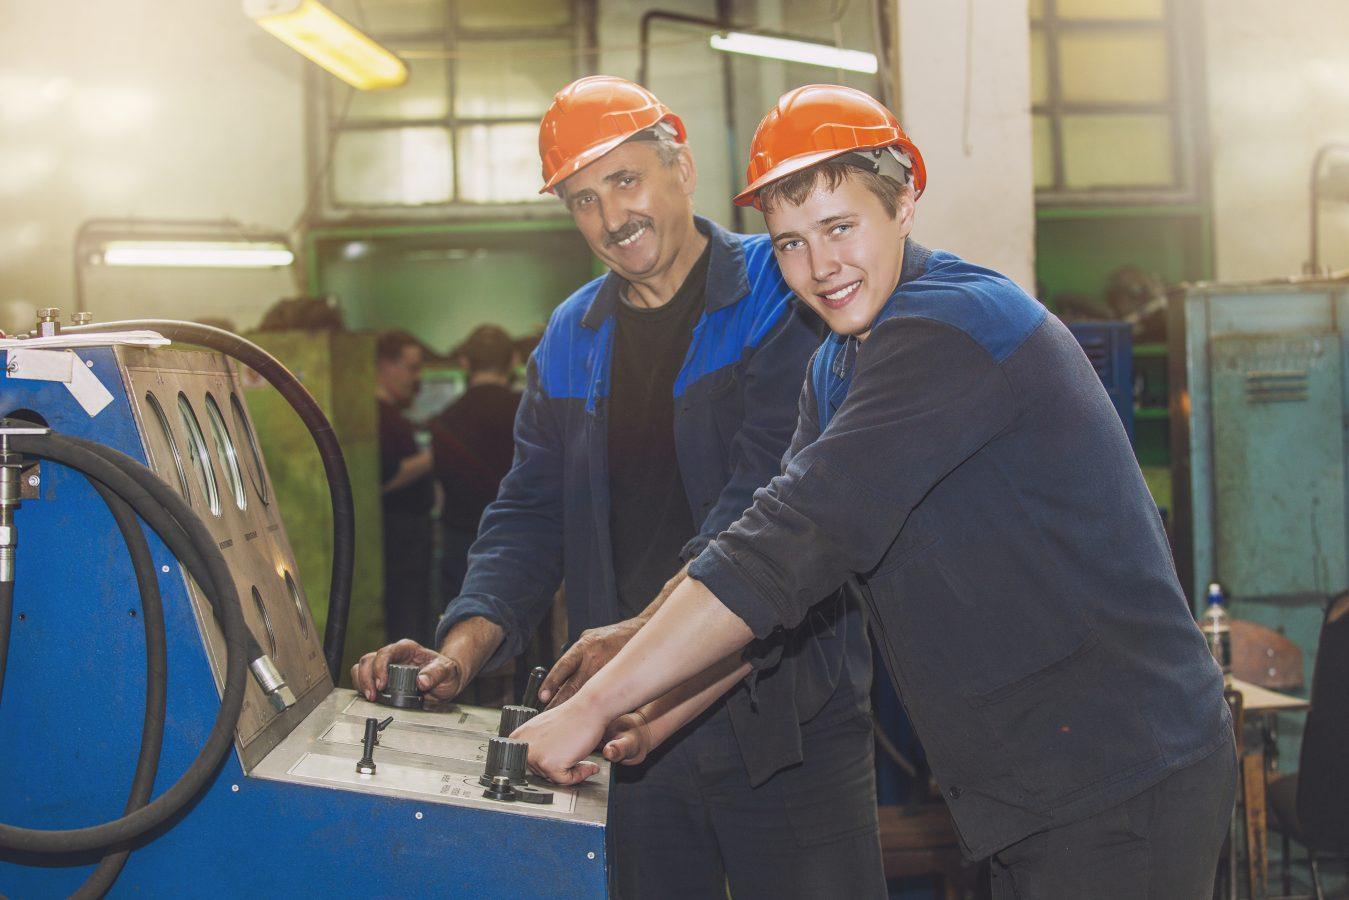 En lærling og en instruktør står ved en maskin. De har på orange hjelmer og blått arbeidstøy.